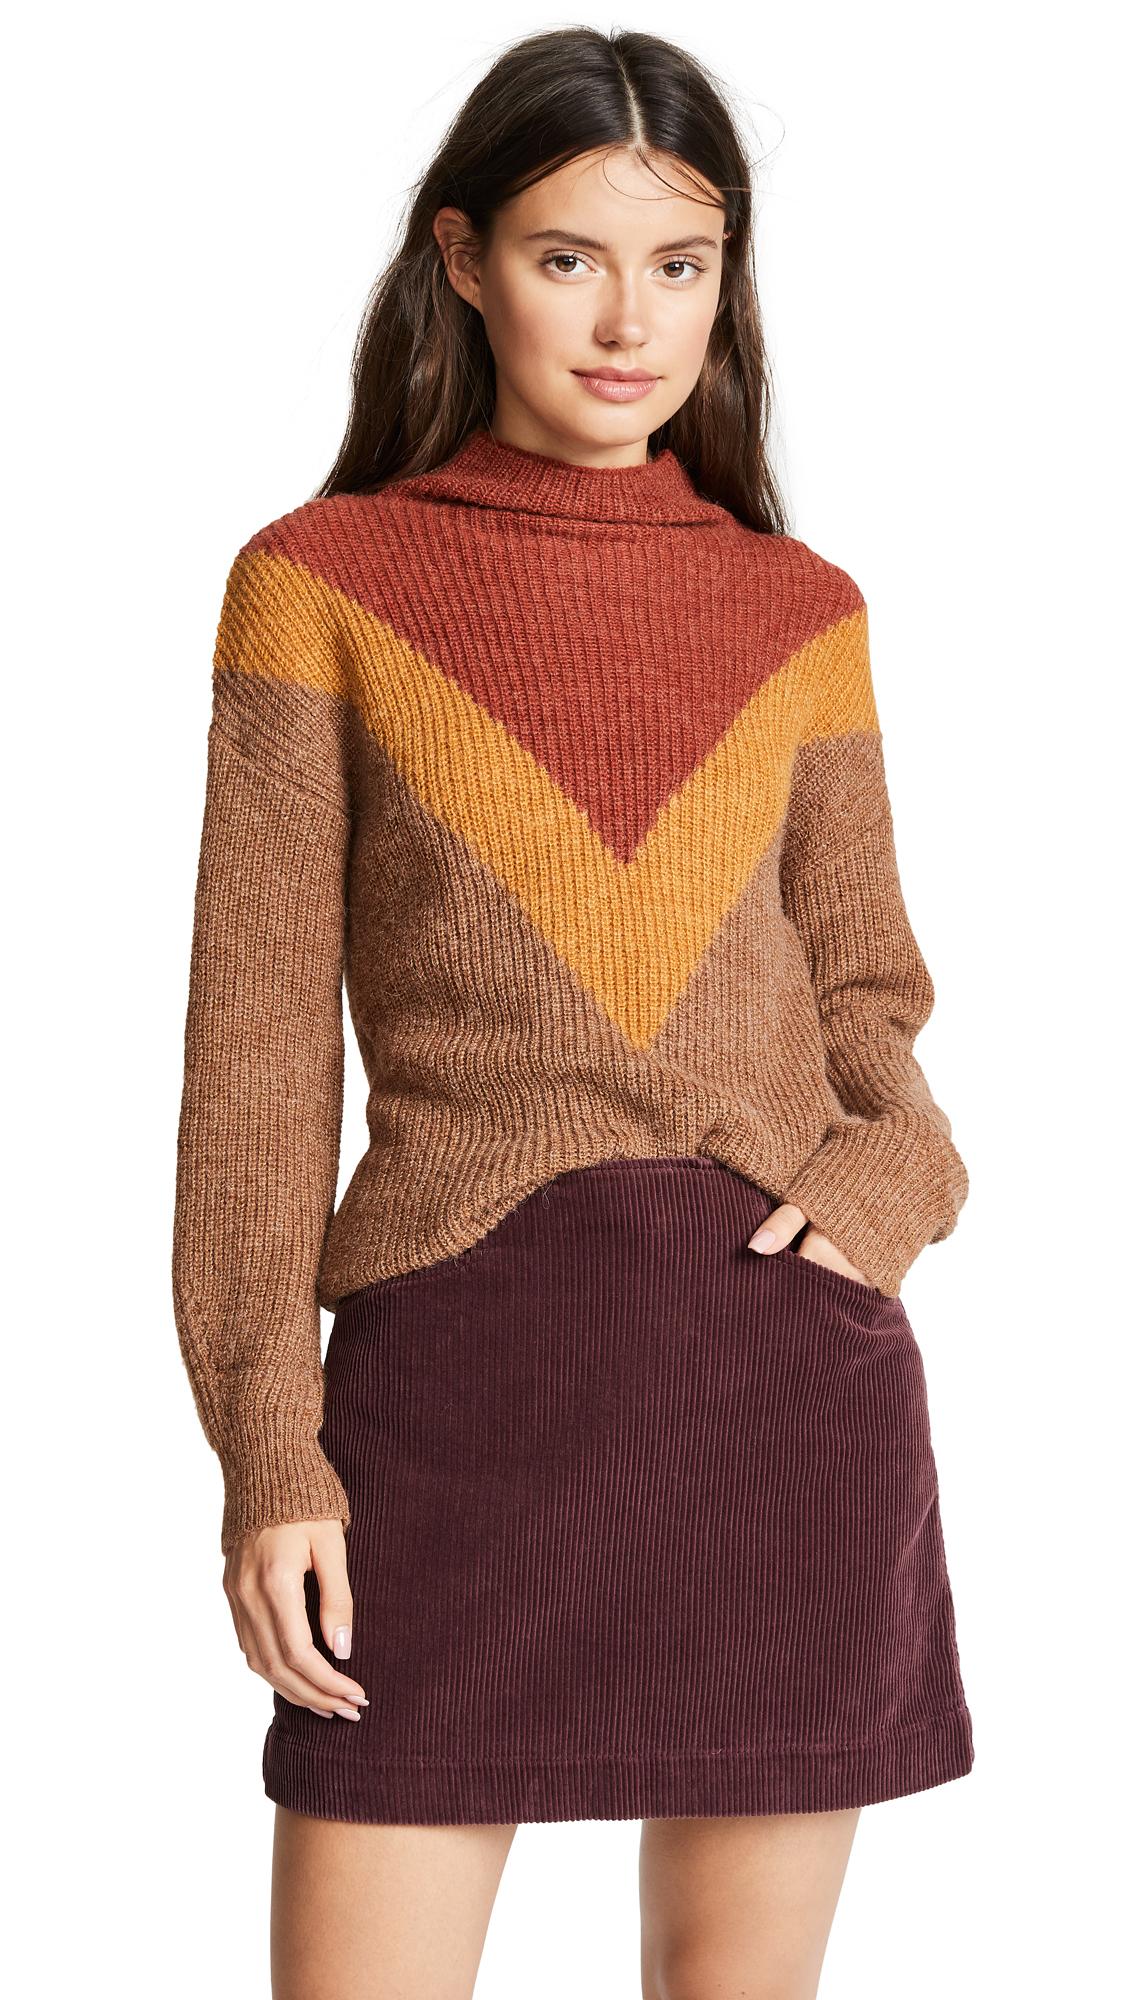 MKT STUDIO Kuroko Sweater in Nuts